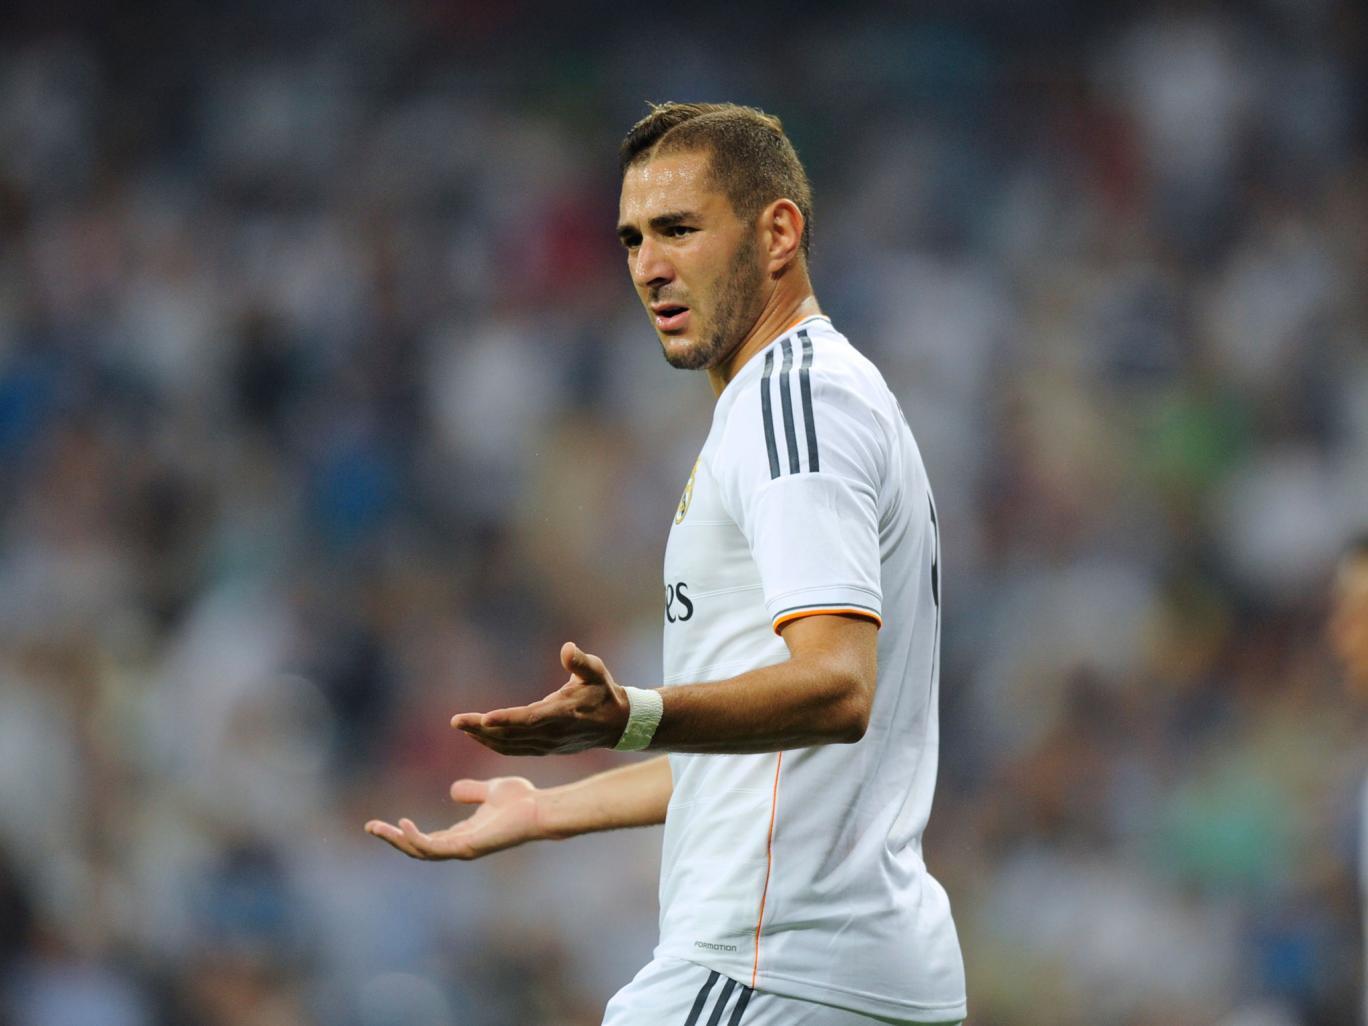 """Karim Benzema declarado jugador """"No seleccionable"""" a la selección de fútbol de Francia"""